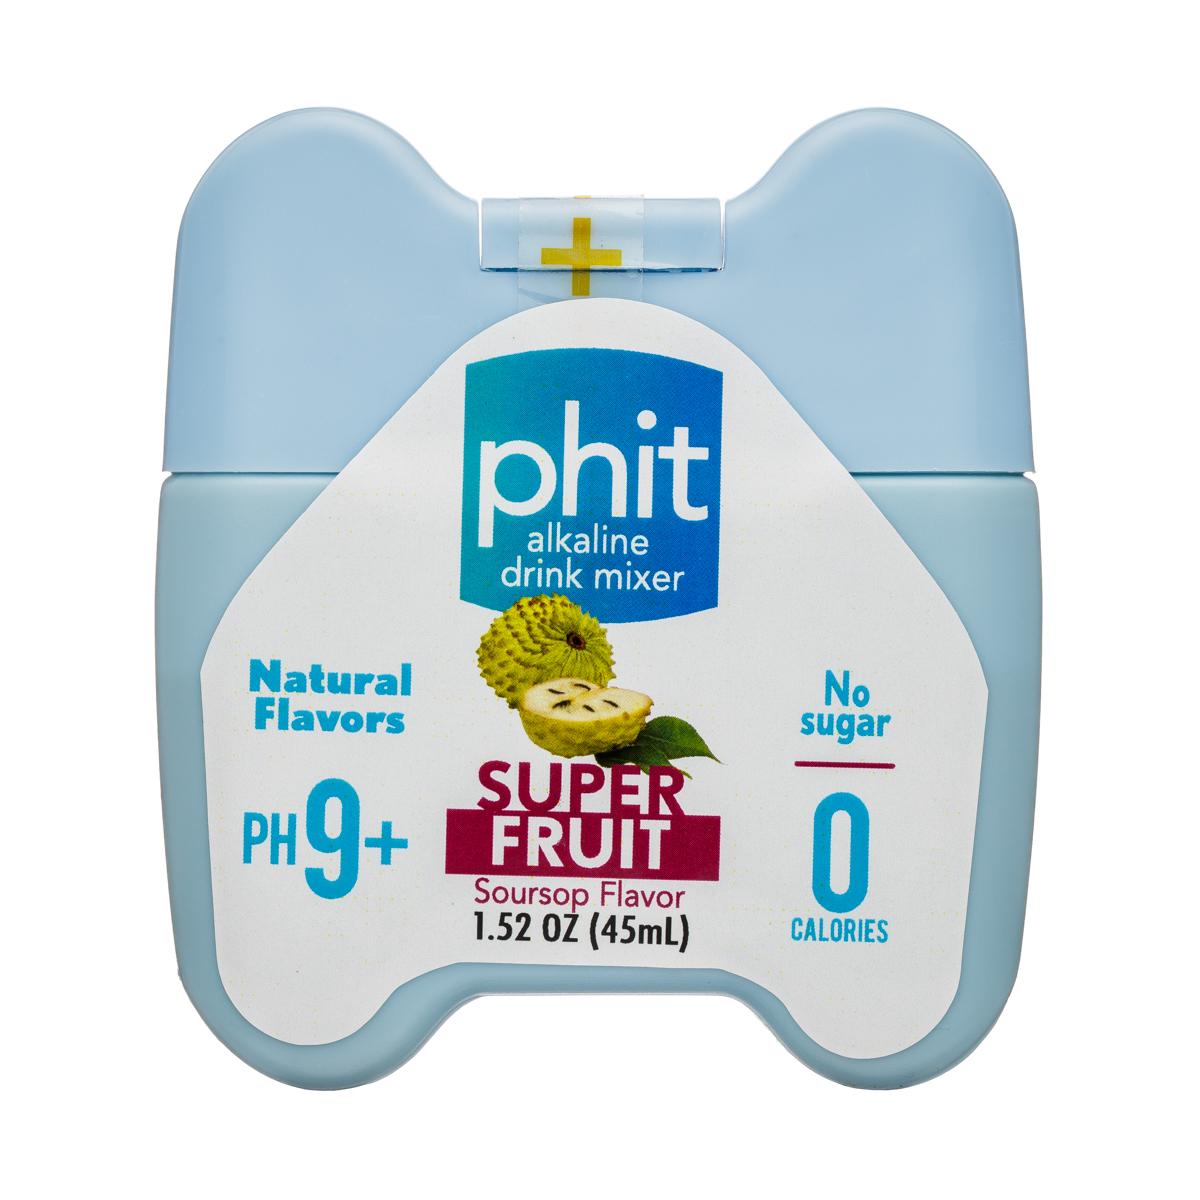 pHit: phit-1oz-AlkalineMixer-Superfruit-Front